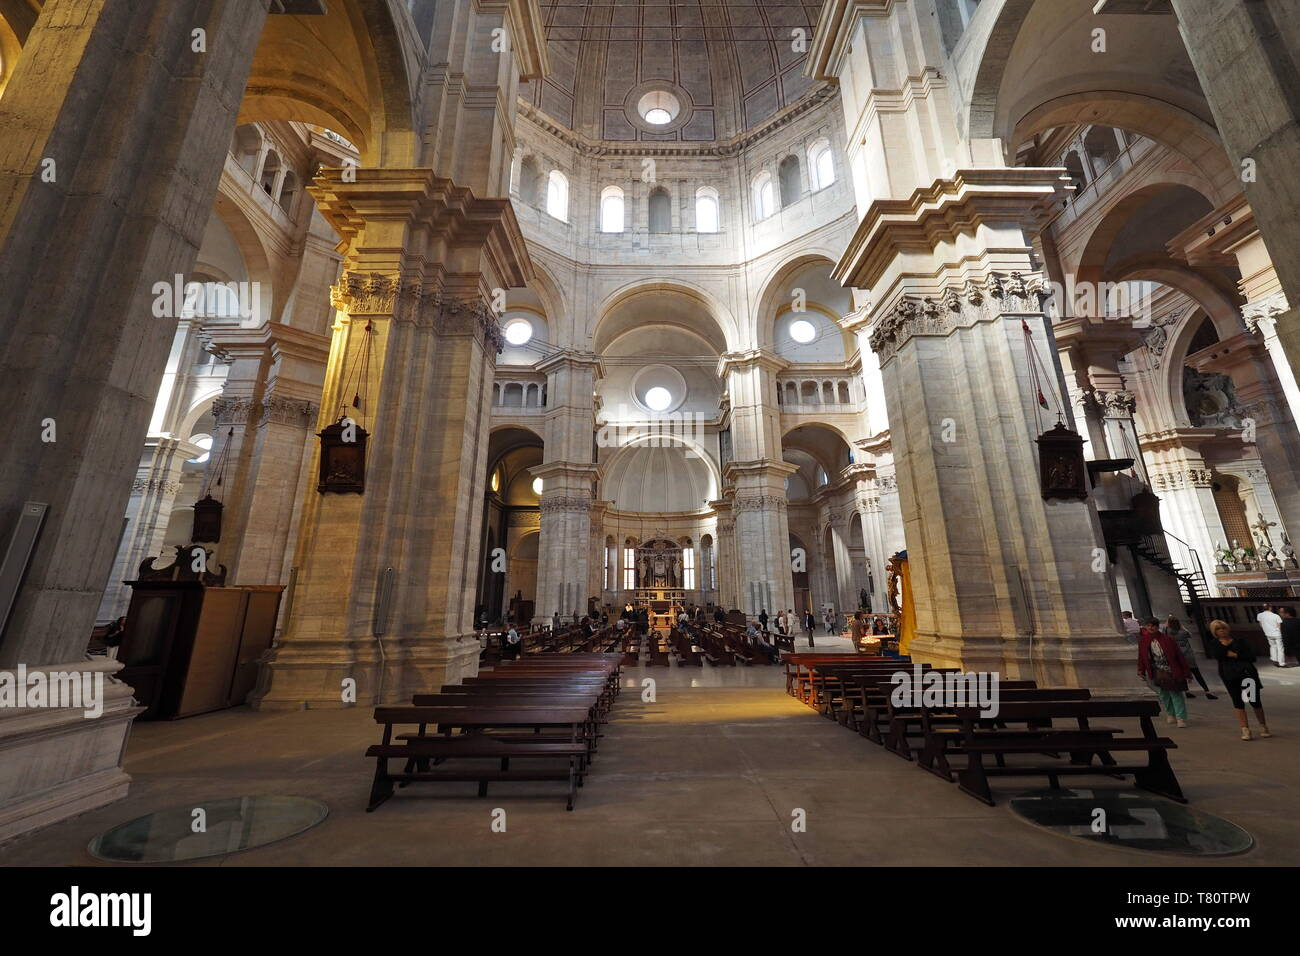 Arcos y arquitectura del techo en el Duomo de Pavía, Pavia (catedral), Lombardía, Italia. Imagen De Stock